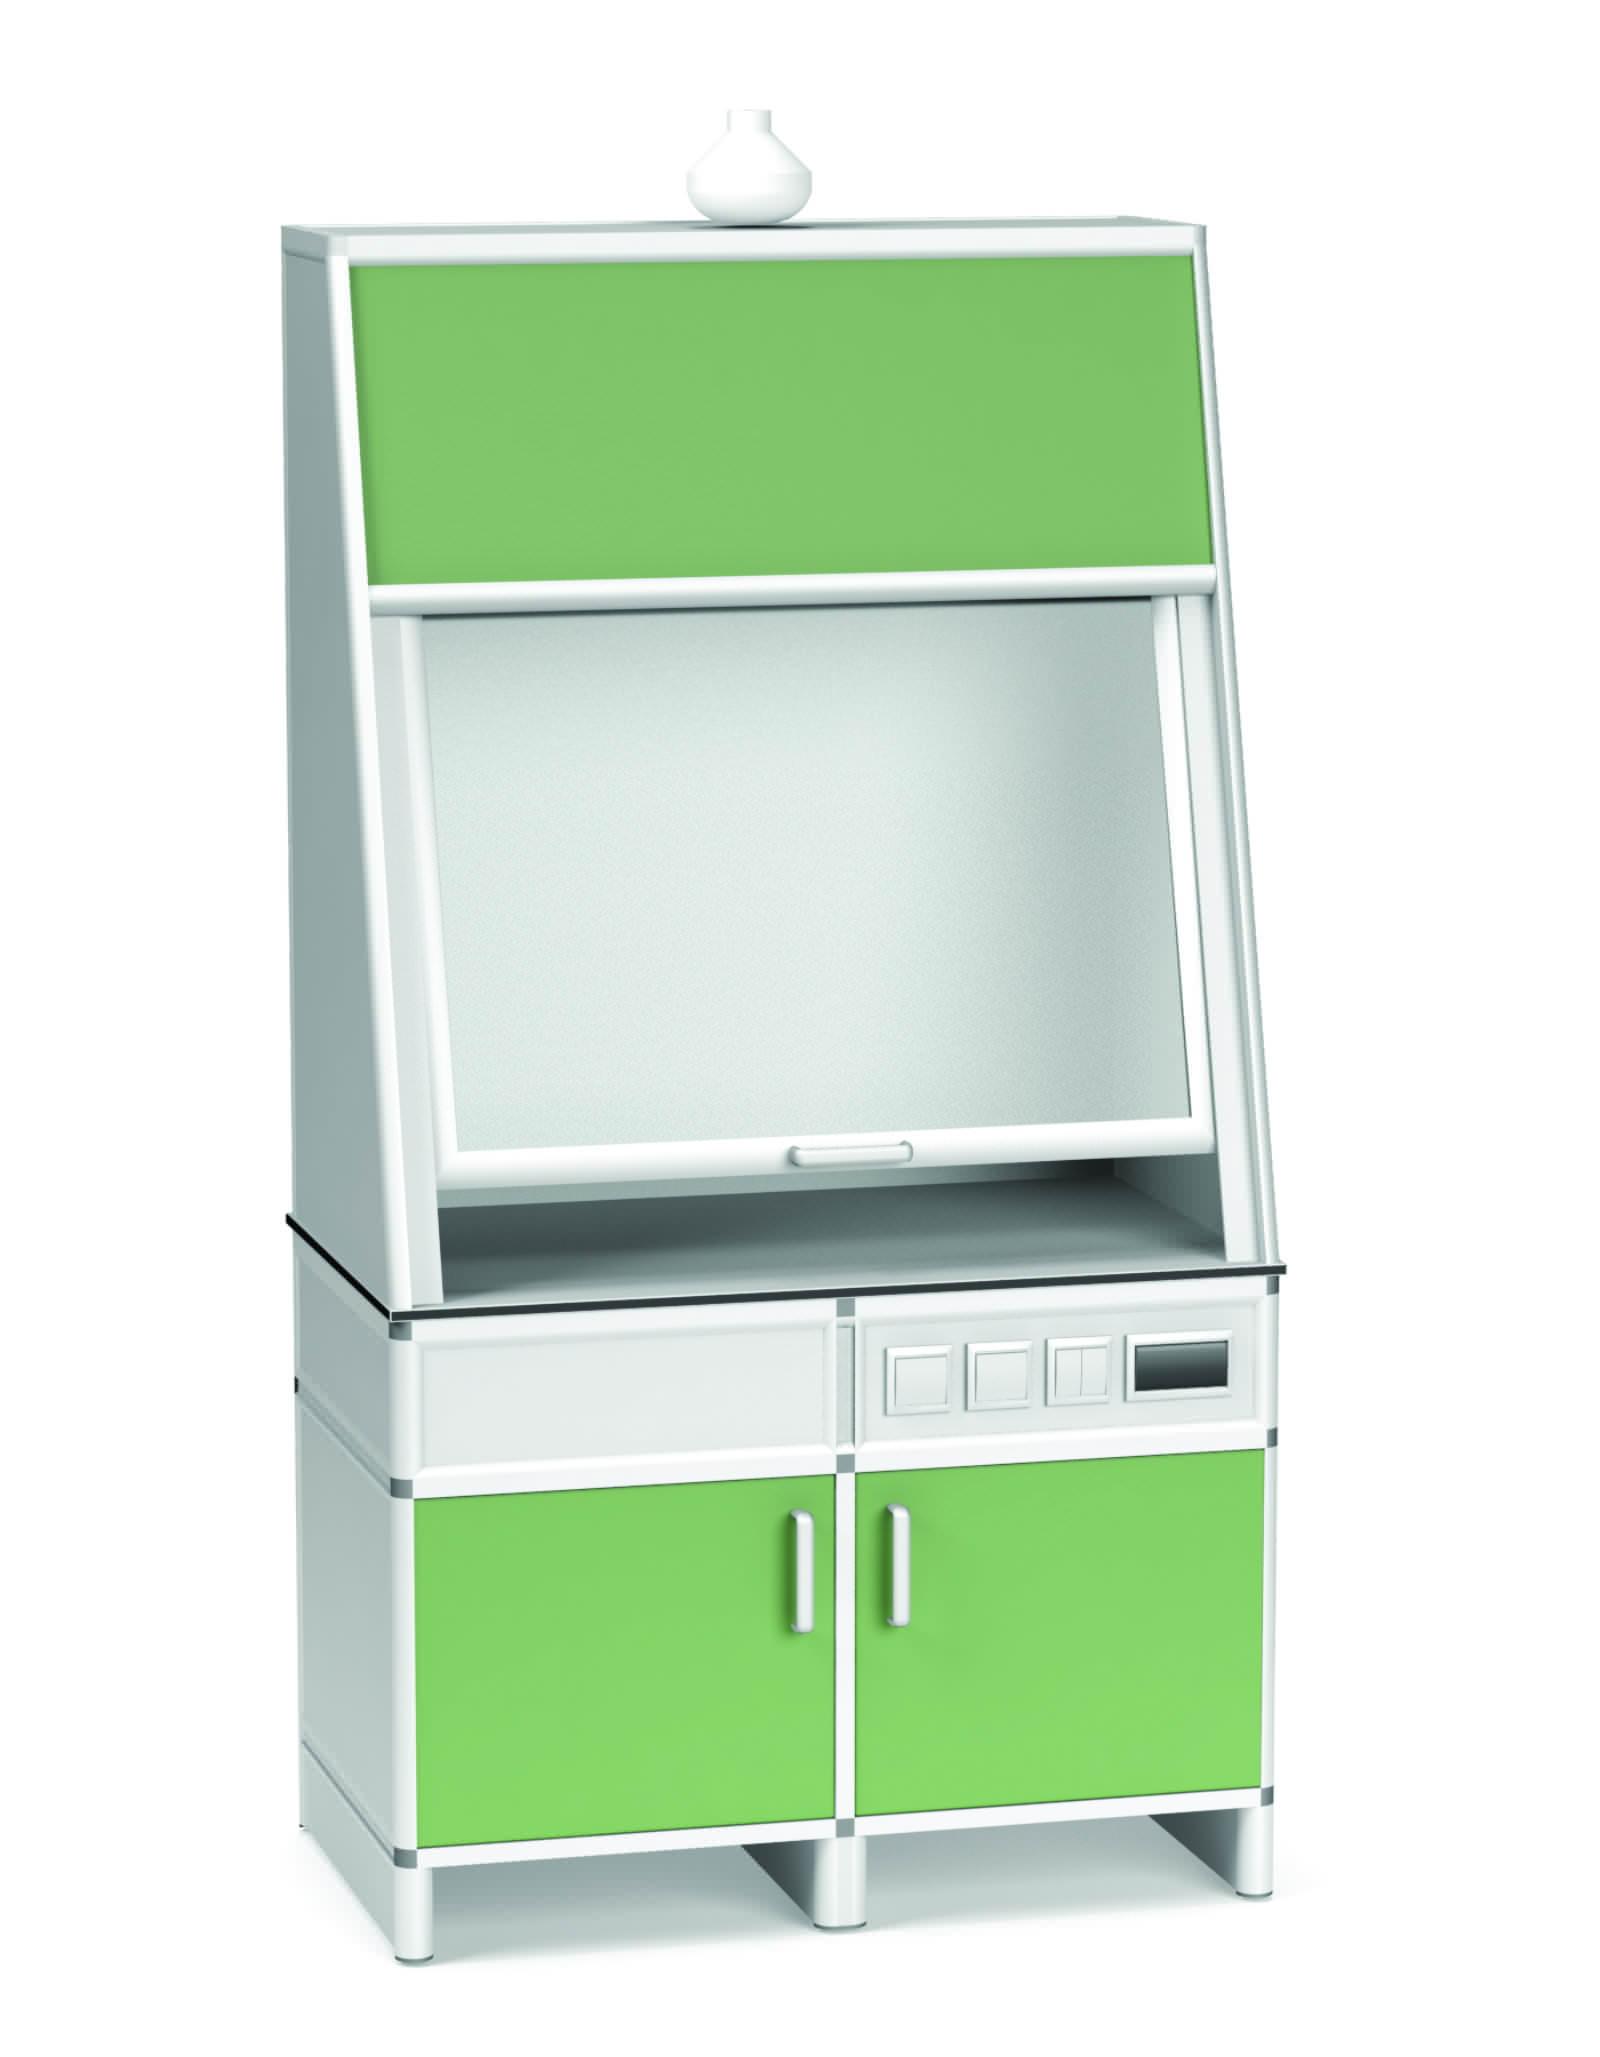 Вытяжной шкаф ДМ-1-004-01